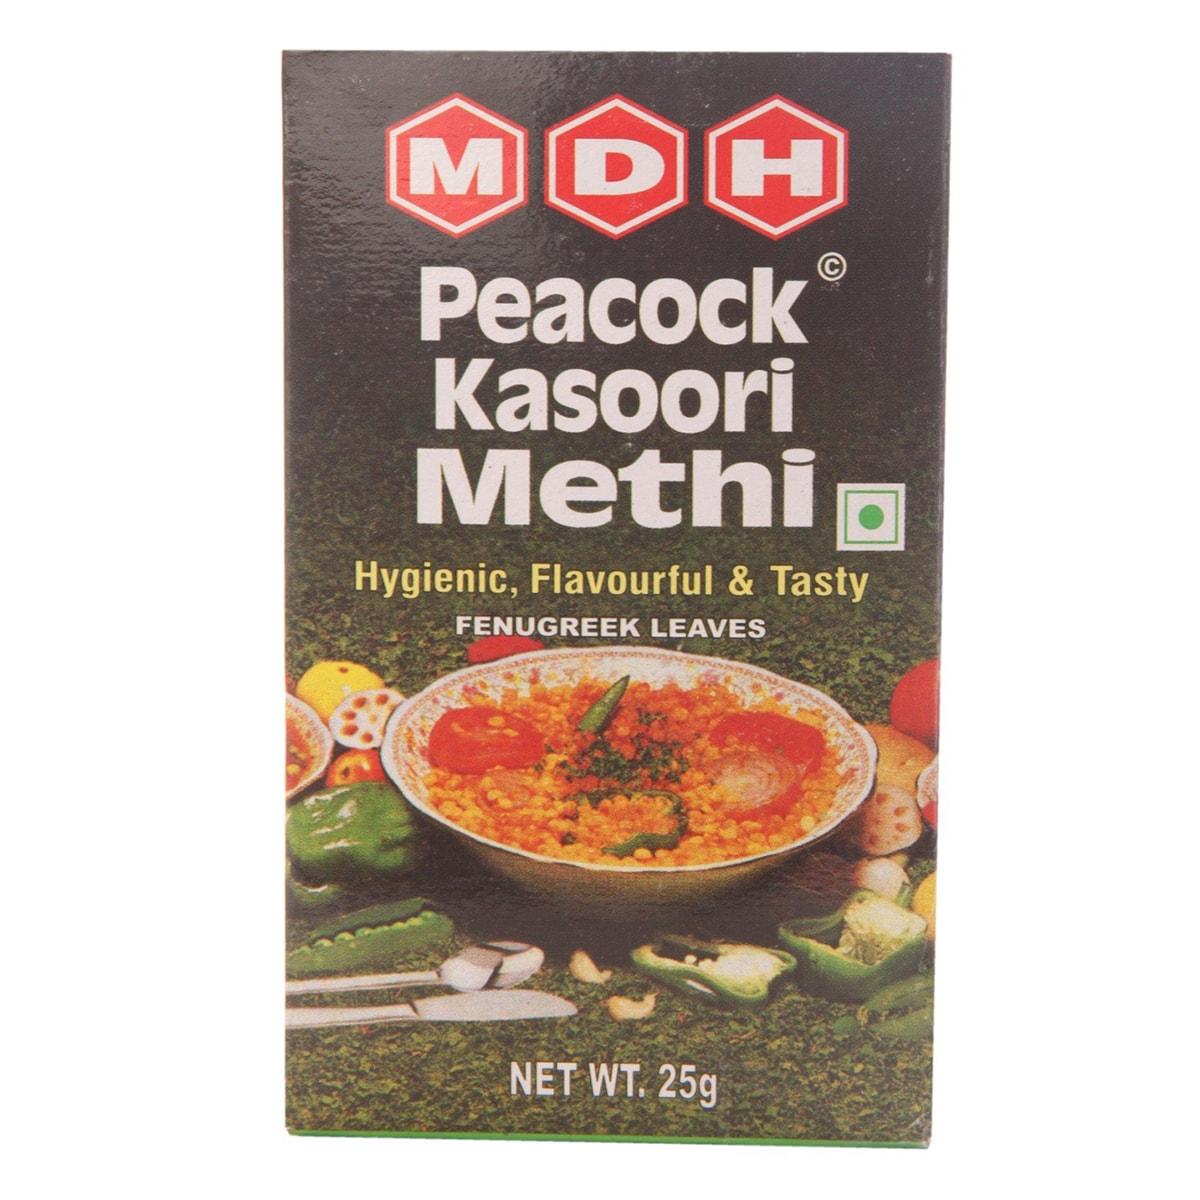 Buy MDH Peacock Kasoori Methi (Fenugreek Leaves) - 25 gm